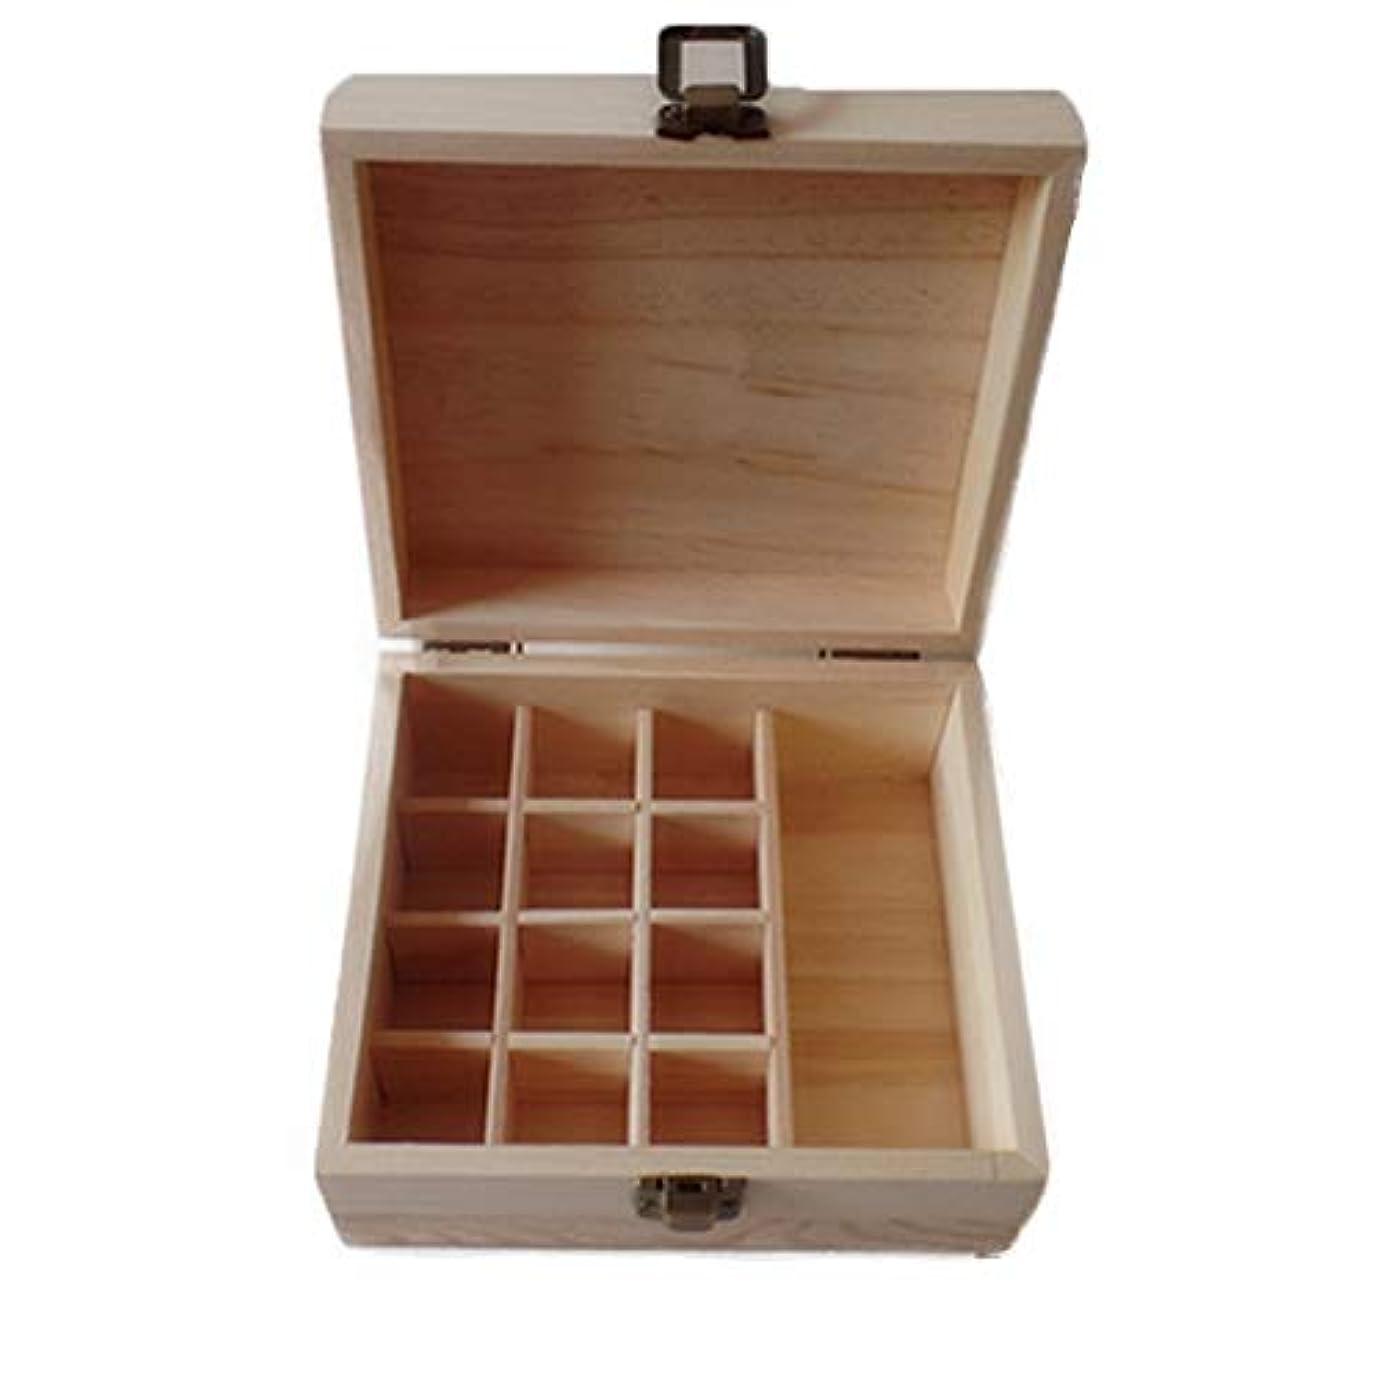 原子内訳巻き戻すエッセンシャルオイルボックス パーフェクトプレゼンテーションディスプレイ13スロットの精油木製収納木箱 アロマセラピー収納ボックス (色 : Natural, サイズ : 15X16.9X8CM)